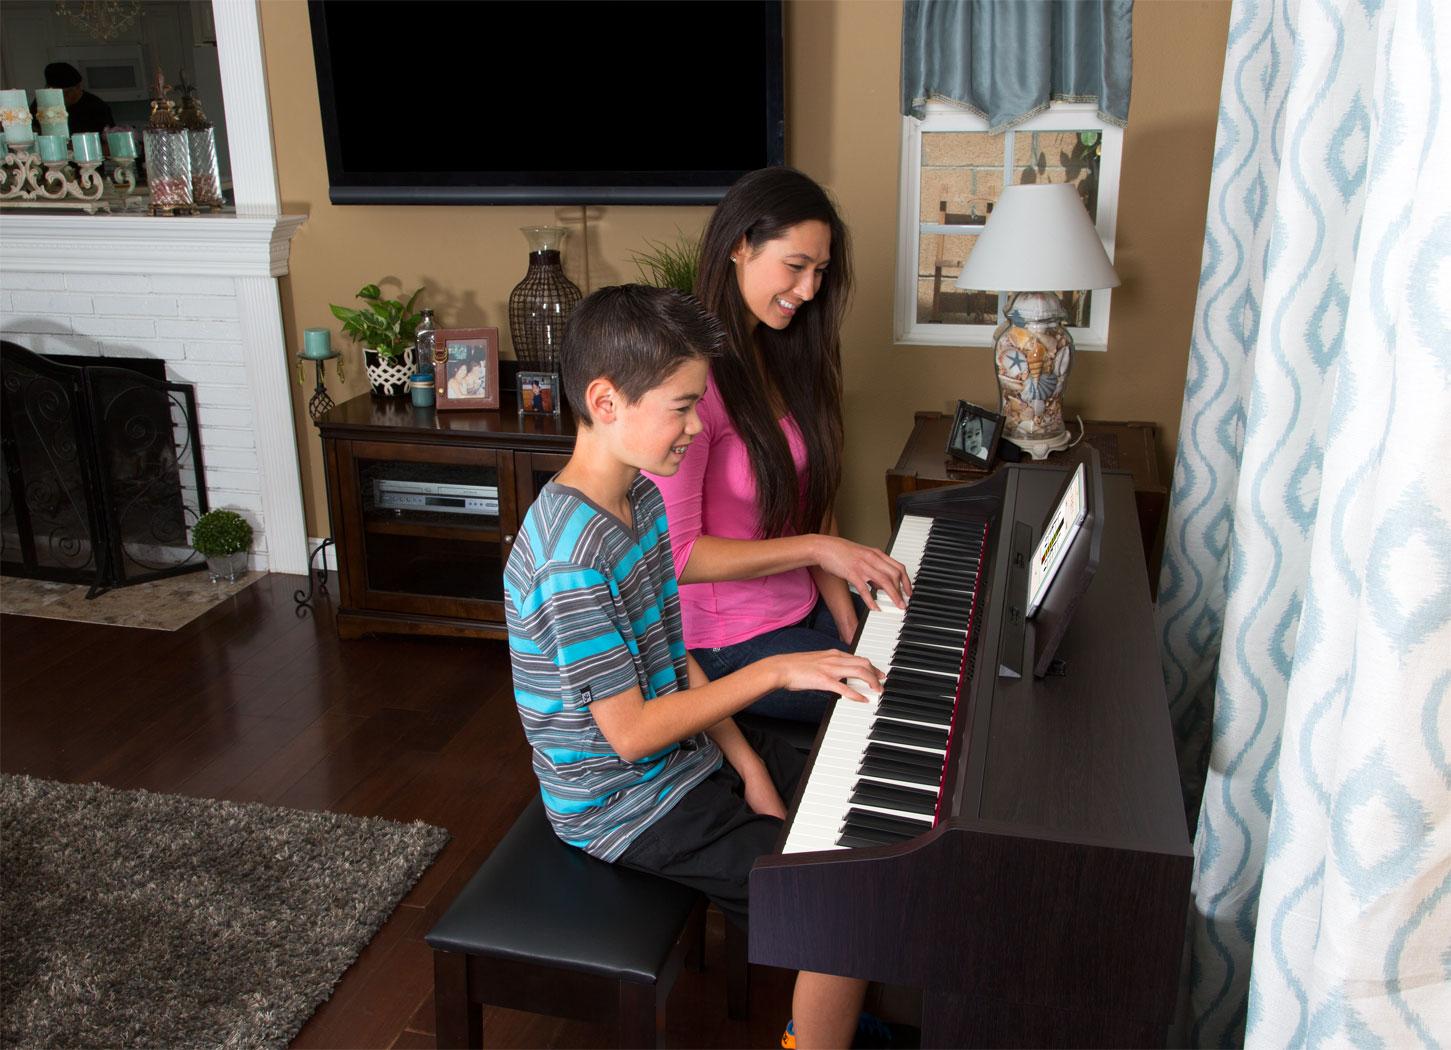 Nên mua đàn organ/keyboard hay piano điện khi bắt đầu học đàn 2